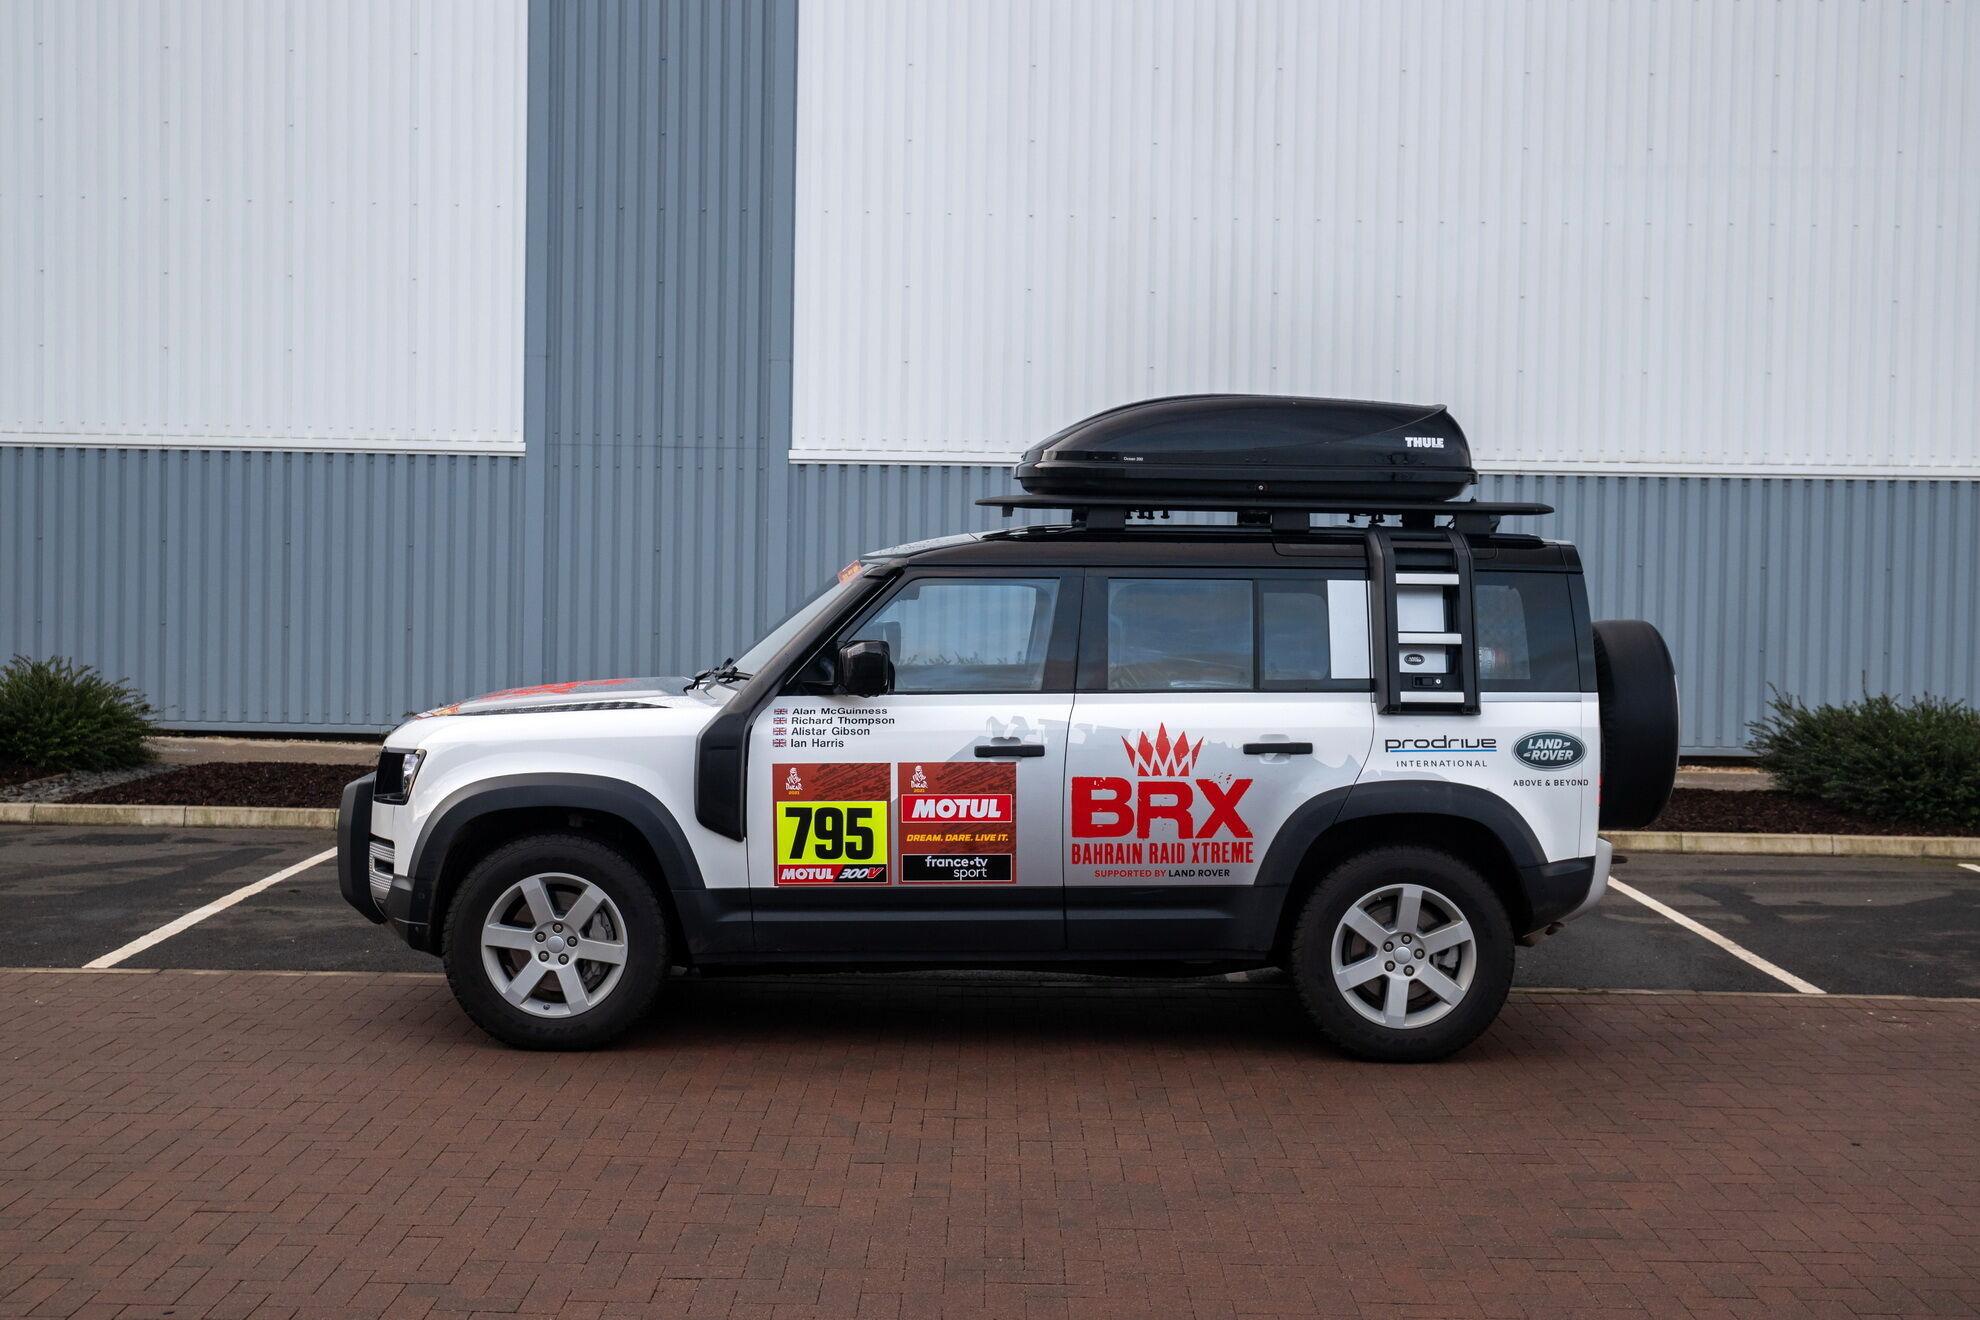 Компания Land Rover будет обеспечивать техническую поддержку новой команде Bahrain Raid Xtreme